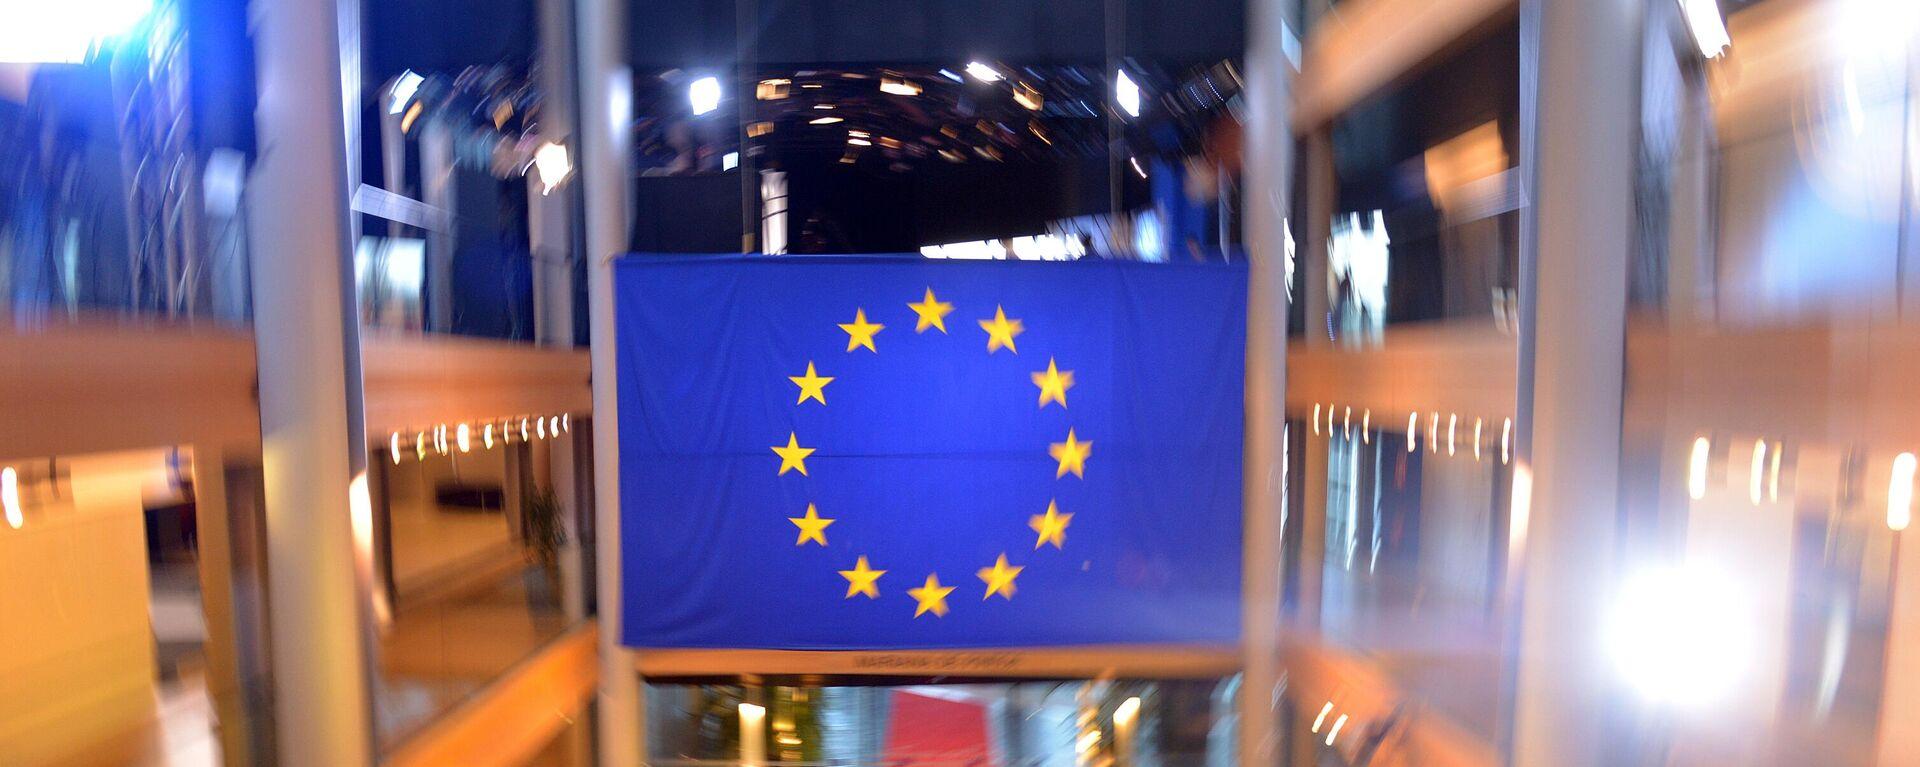 EU-Flagge im Europaparlament in Straßburg - SNA, 1920, 10.08.2021